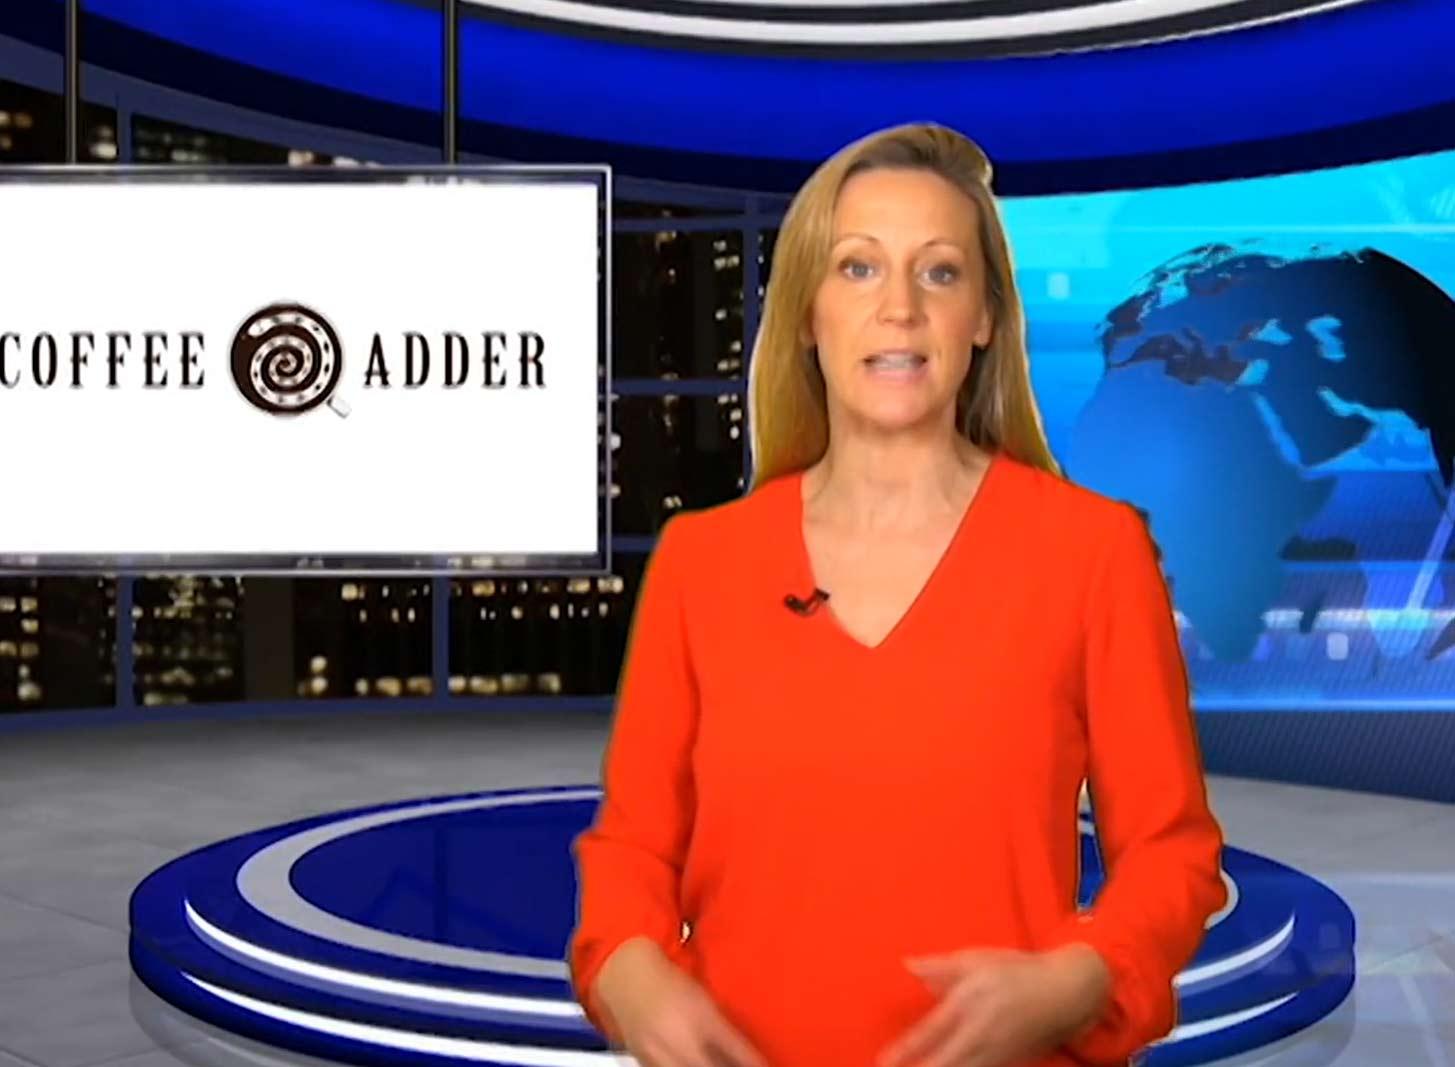 Klicka för att se videon om Coffee Adder